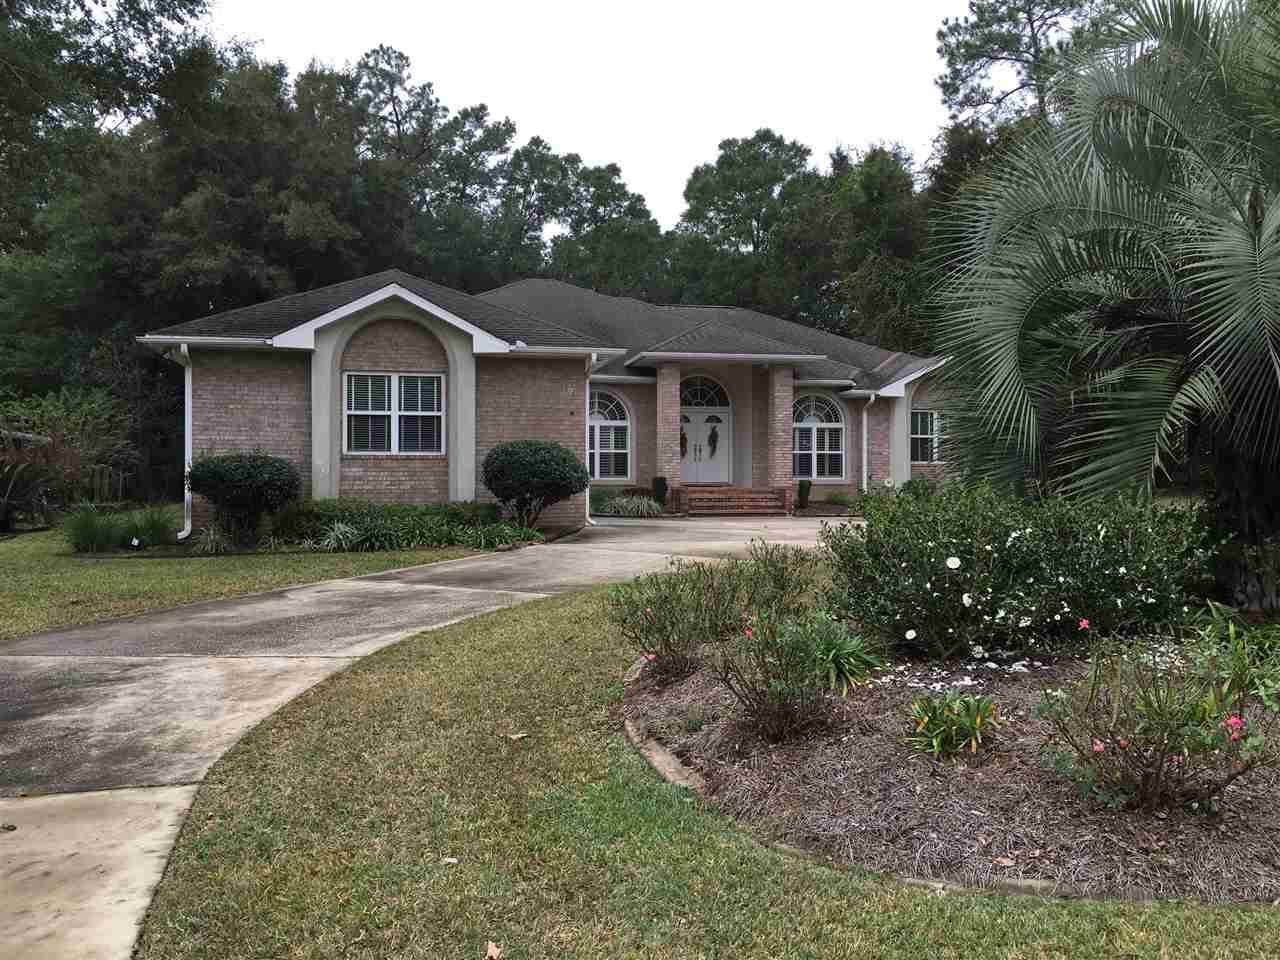 10000 Blk Lot 2 Scenic Hwy, Pensacola, FL 32514